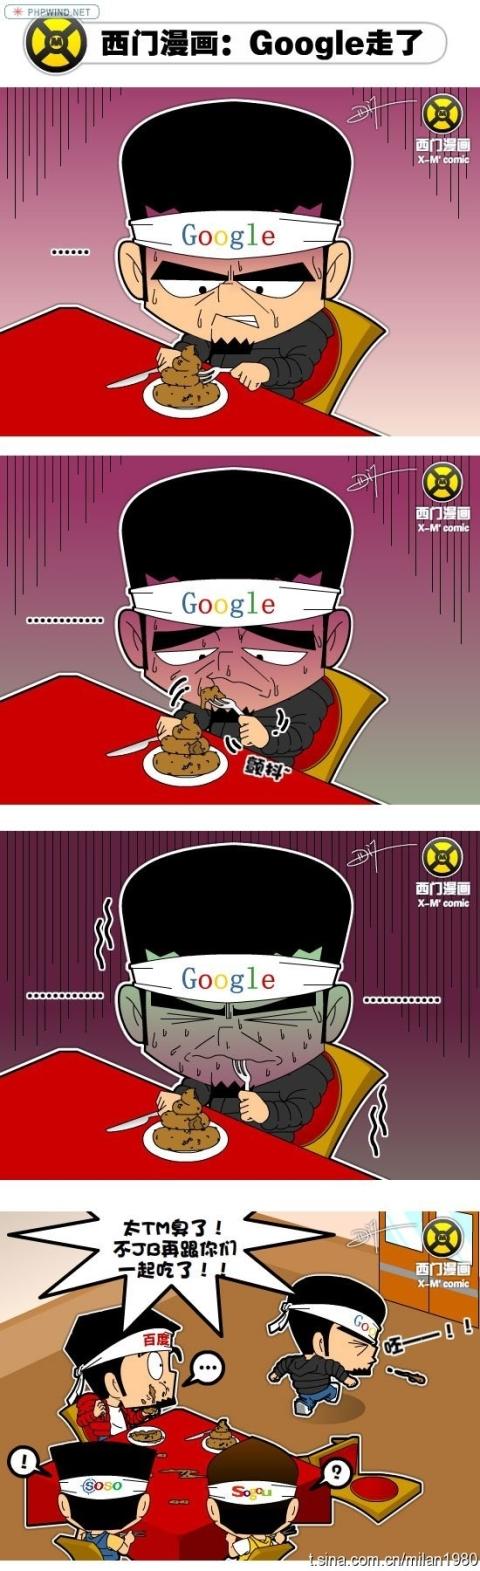 西門漫畫:Google走了